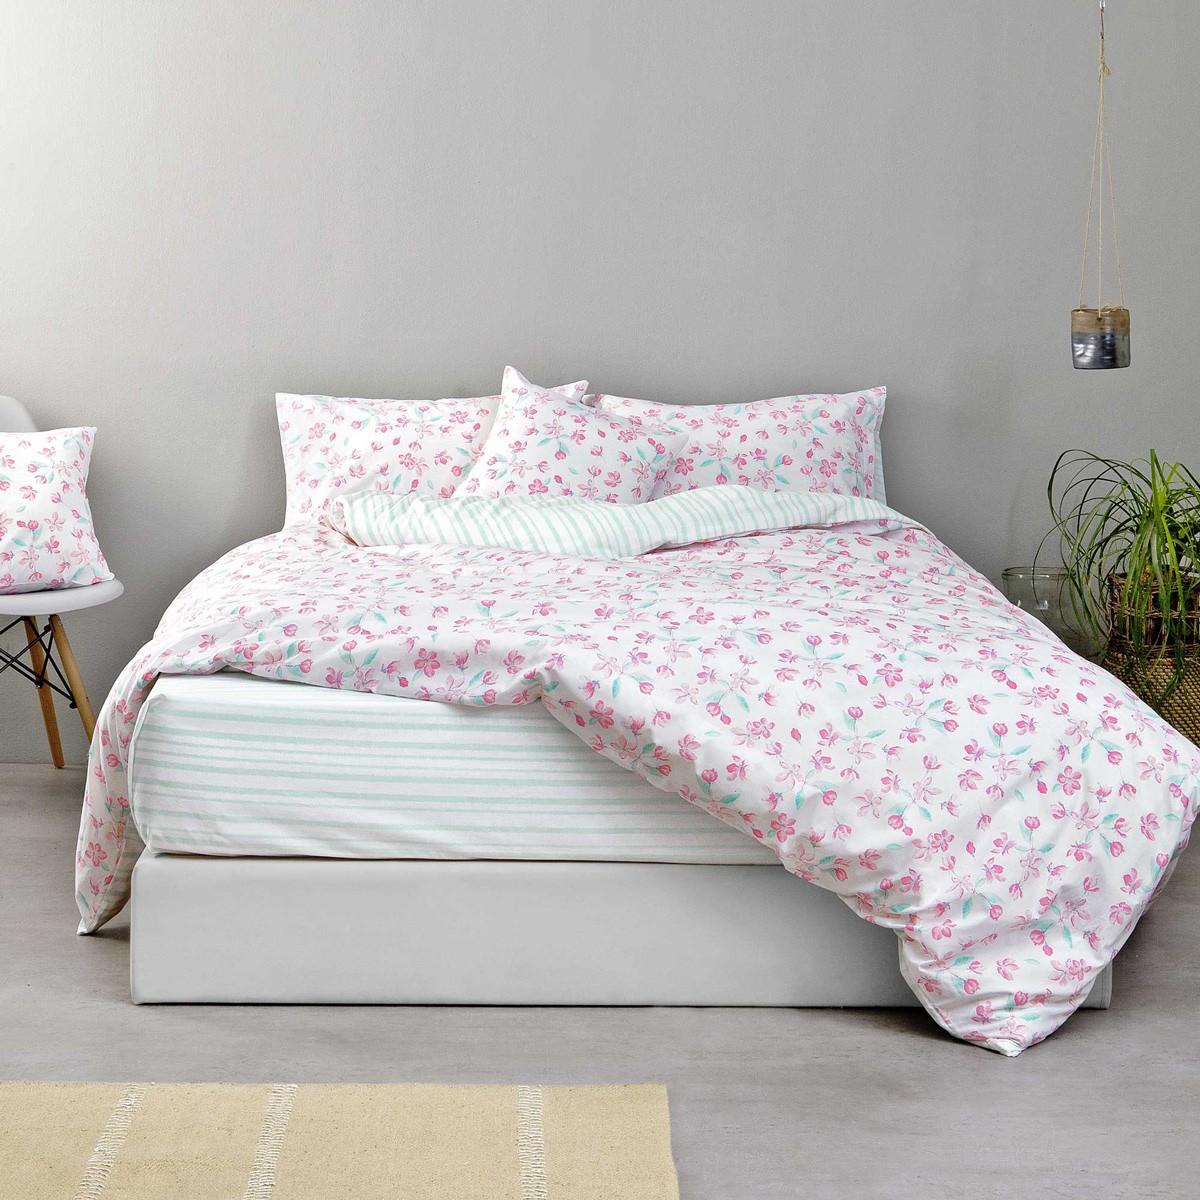 Σεντόνια Υπέρδιπλα (Σετ) Nima Bed Linen Water Lily Pink ΜΕ ΛΑΣΤΙΧΟ ΜΕ ΛΑΣΤΙΧΟ